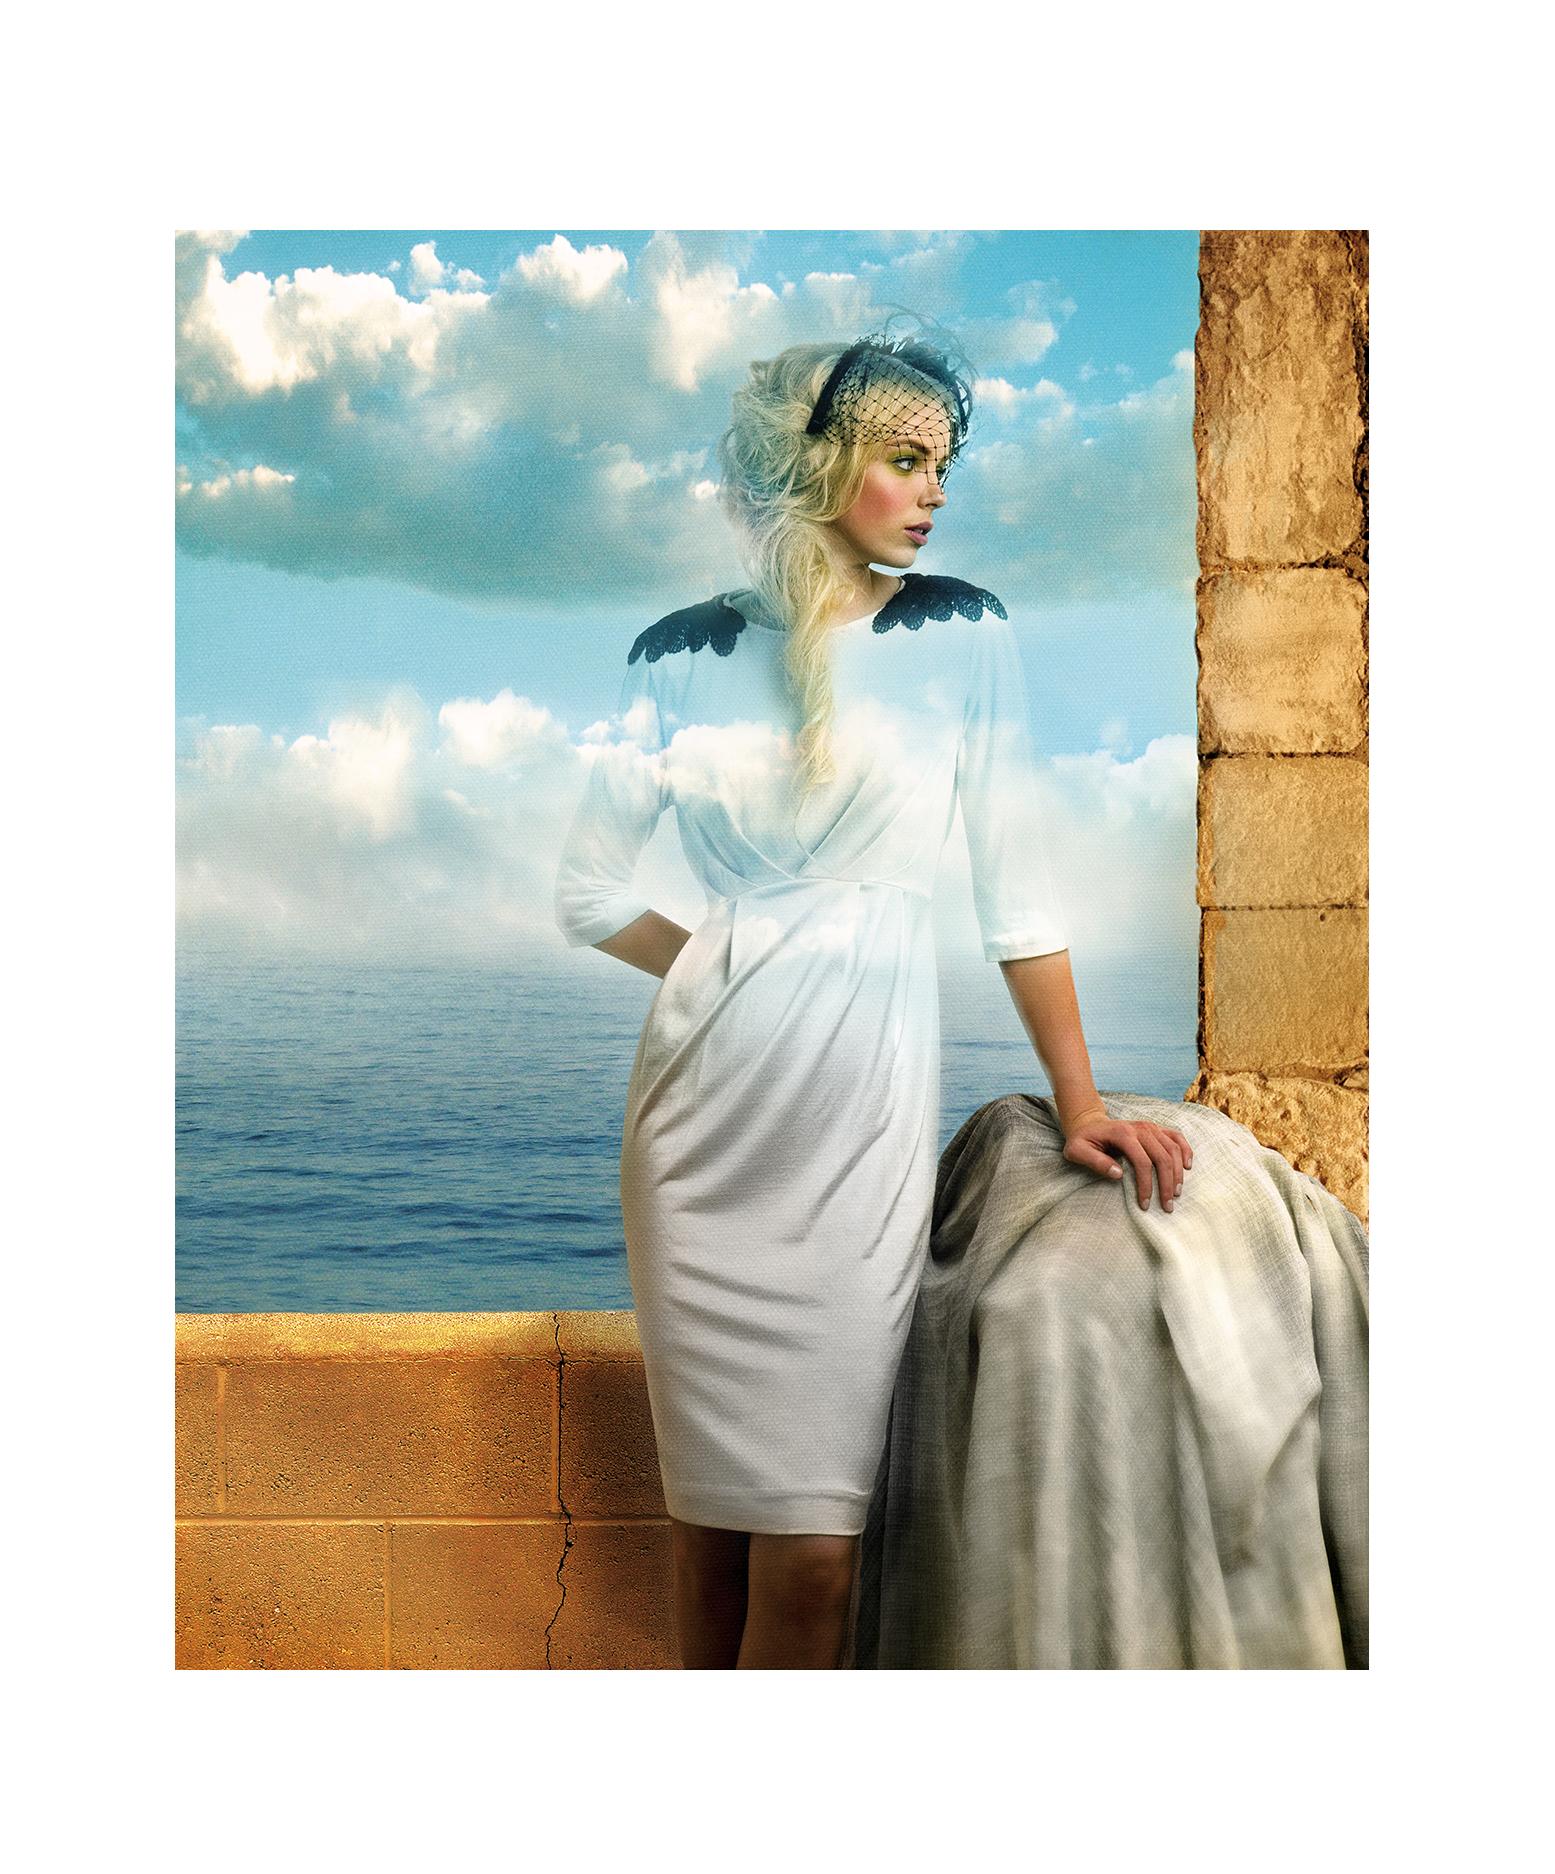 magritte 14.jpg